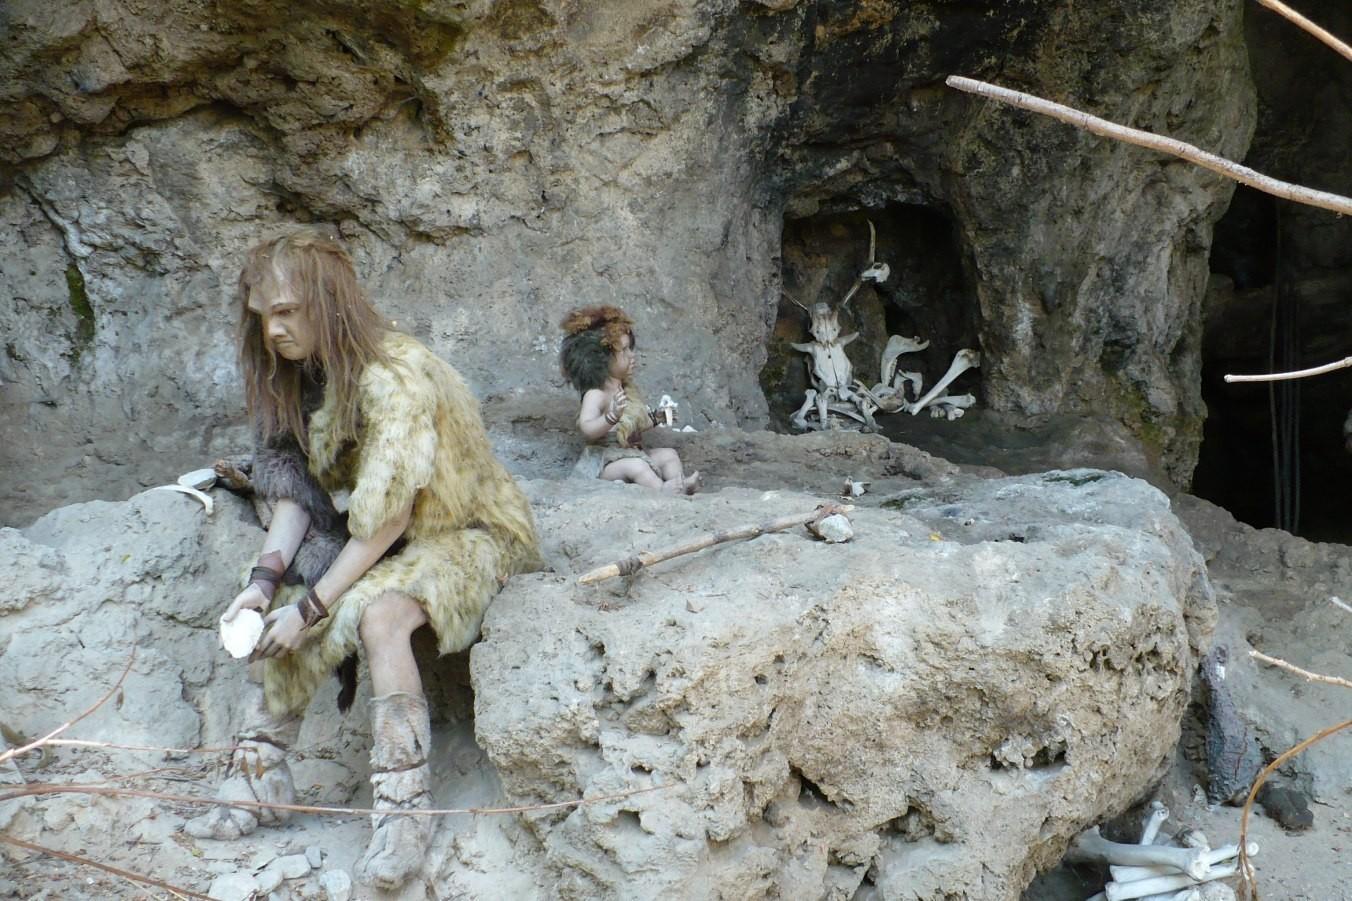 Prepoštská cave